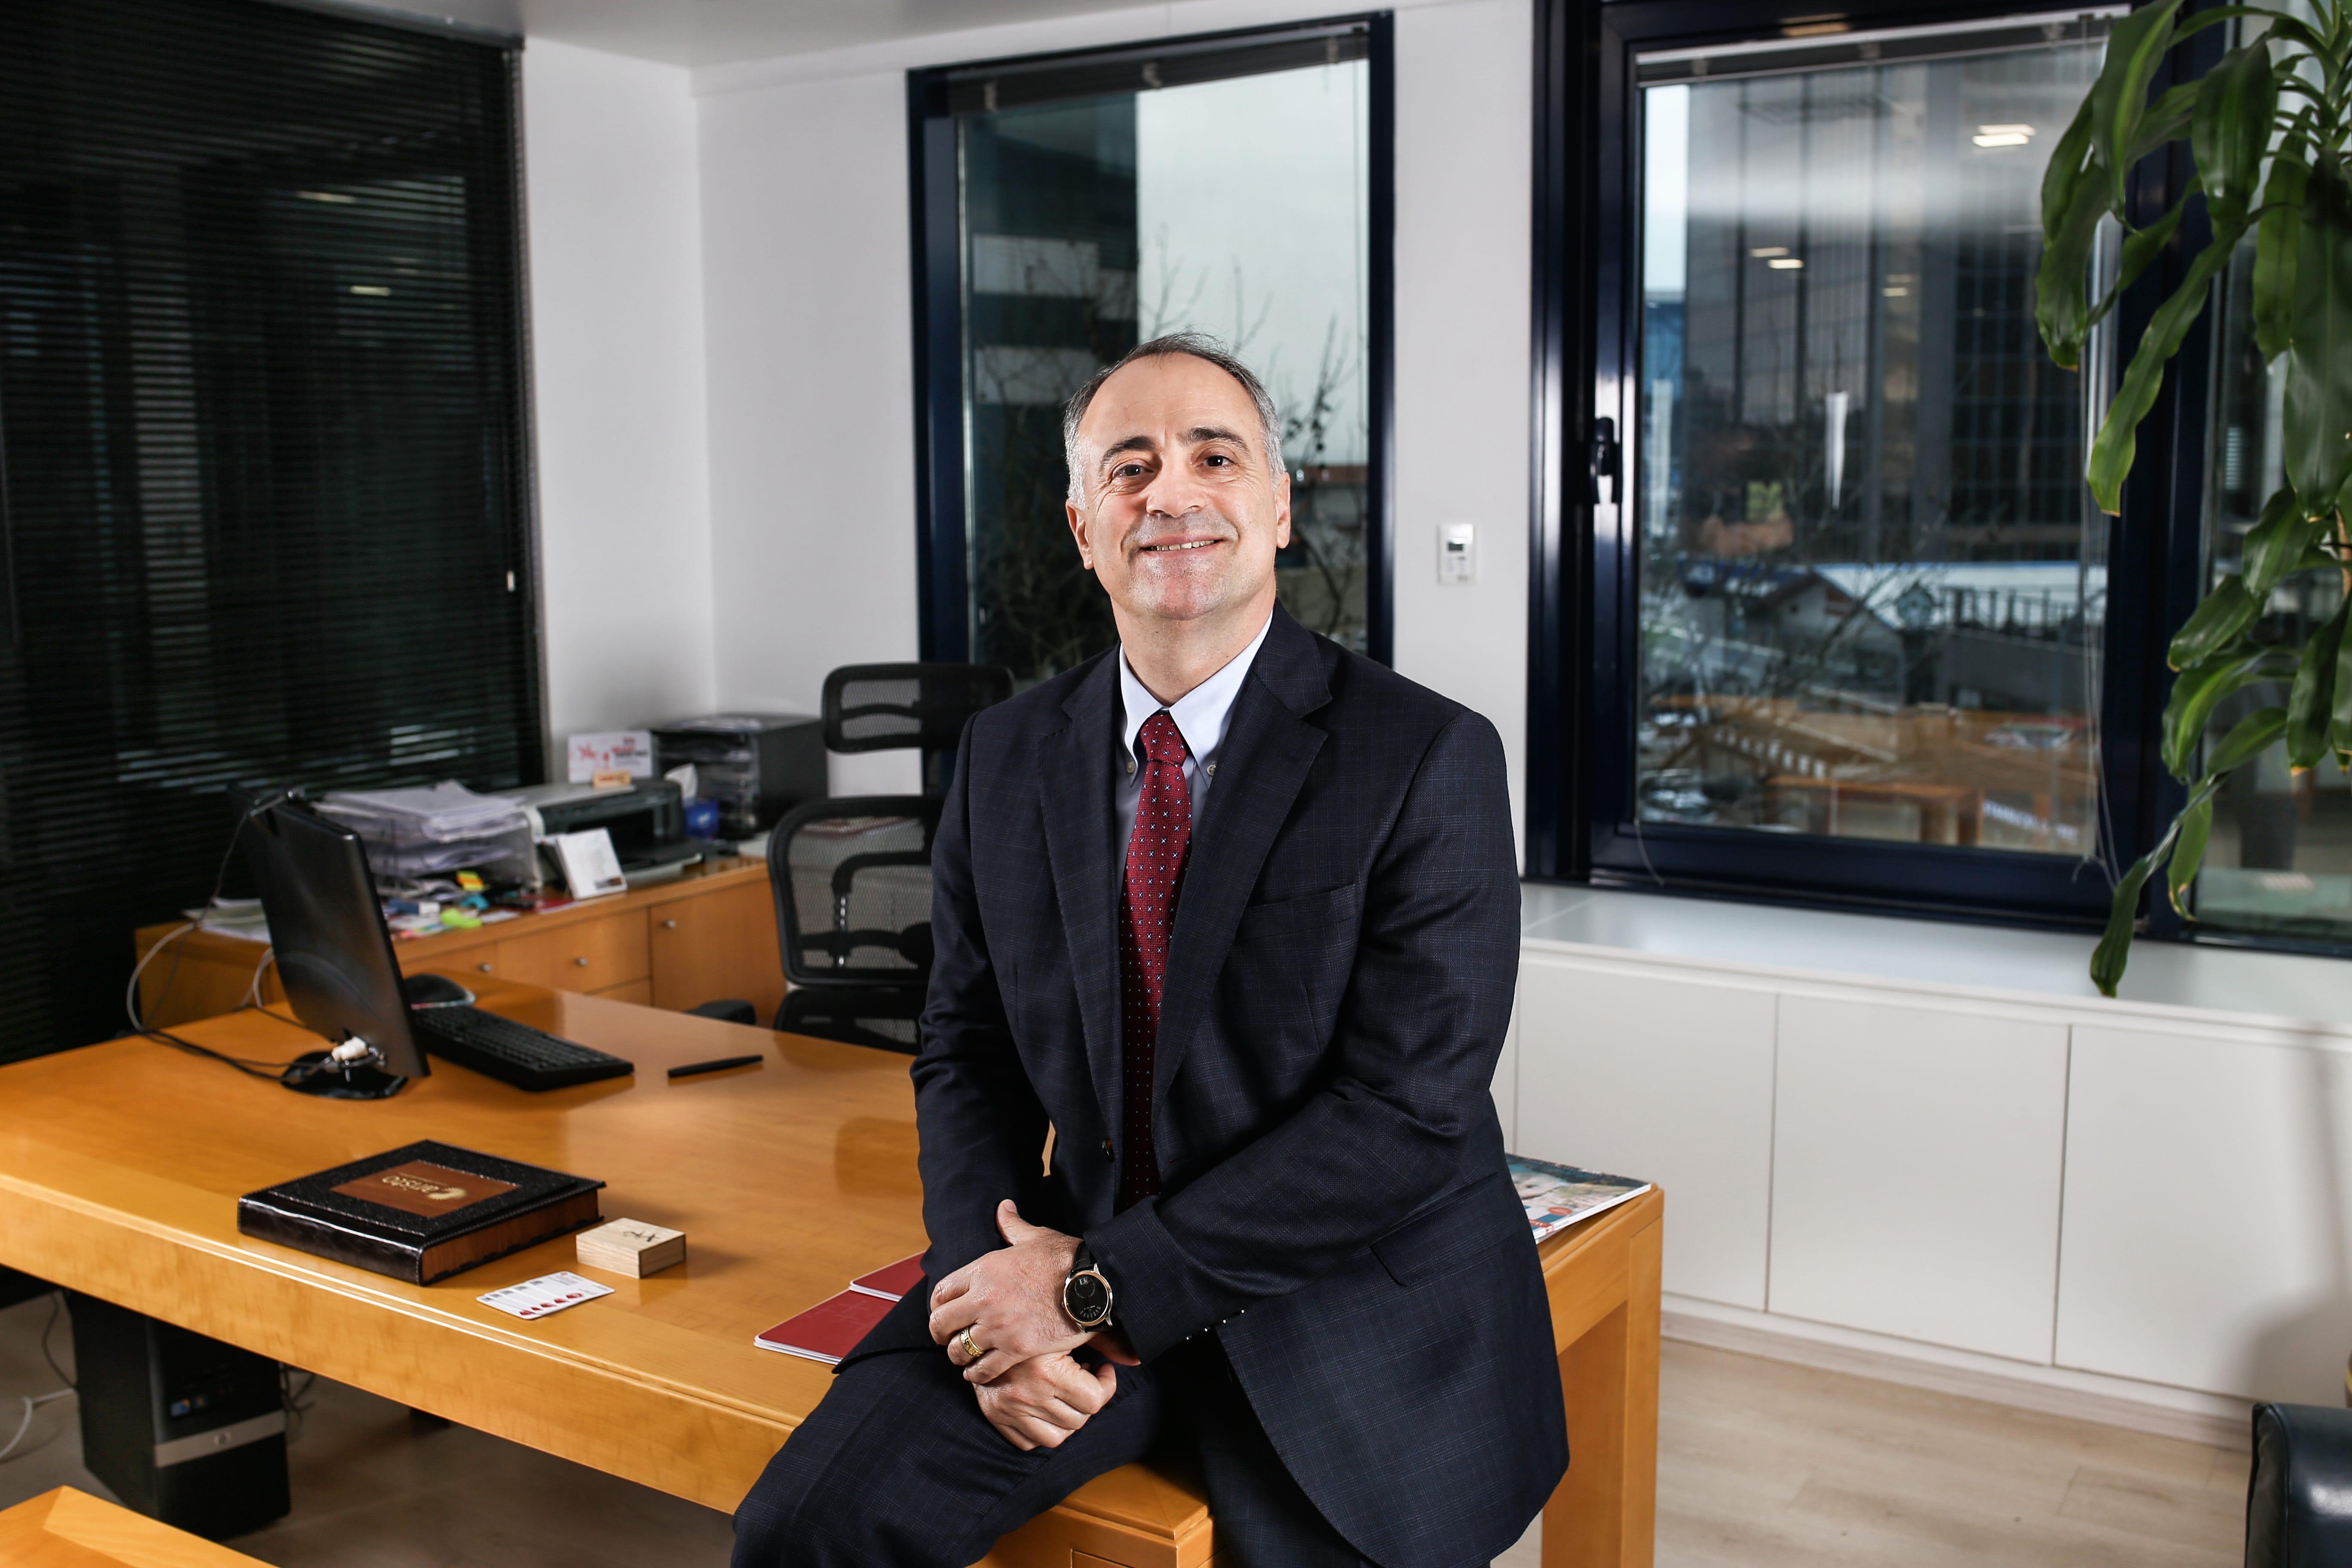 """Biggloyalty CEO'su Enis Karslıoğlu ile """"Müşteri Sadakati"""" Üzerine Konuştuk"""